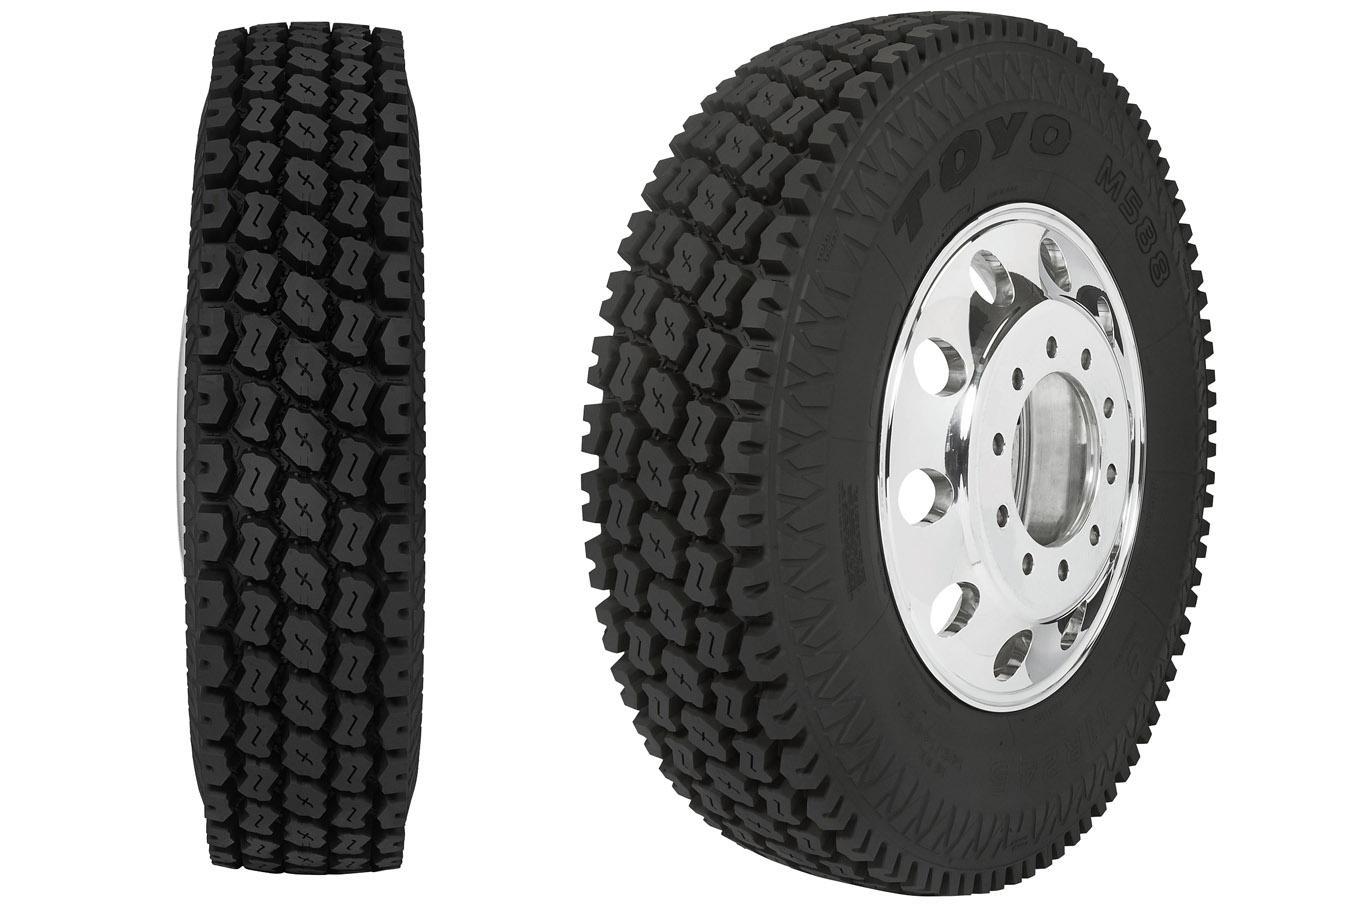 Toyo расширяет ассортимент грузовых шин для Северной Америки